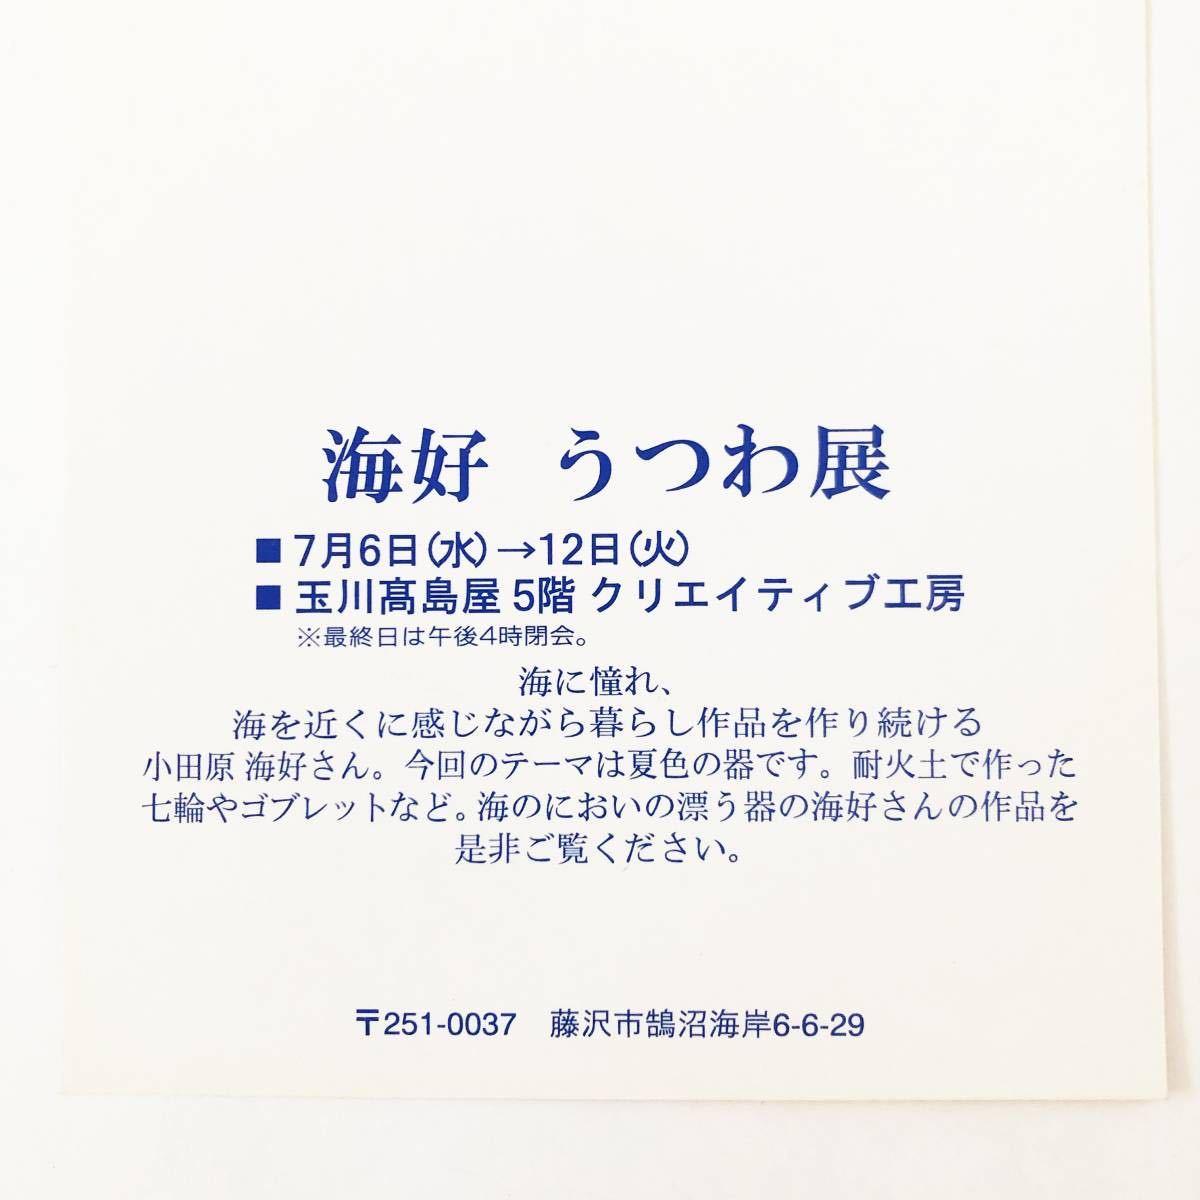 ポストカード☆絵葉書☆小田原海好☆うつわ展_画像3